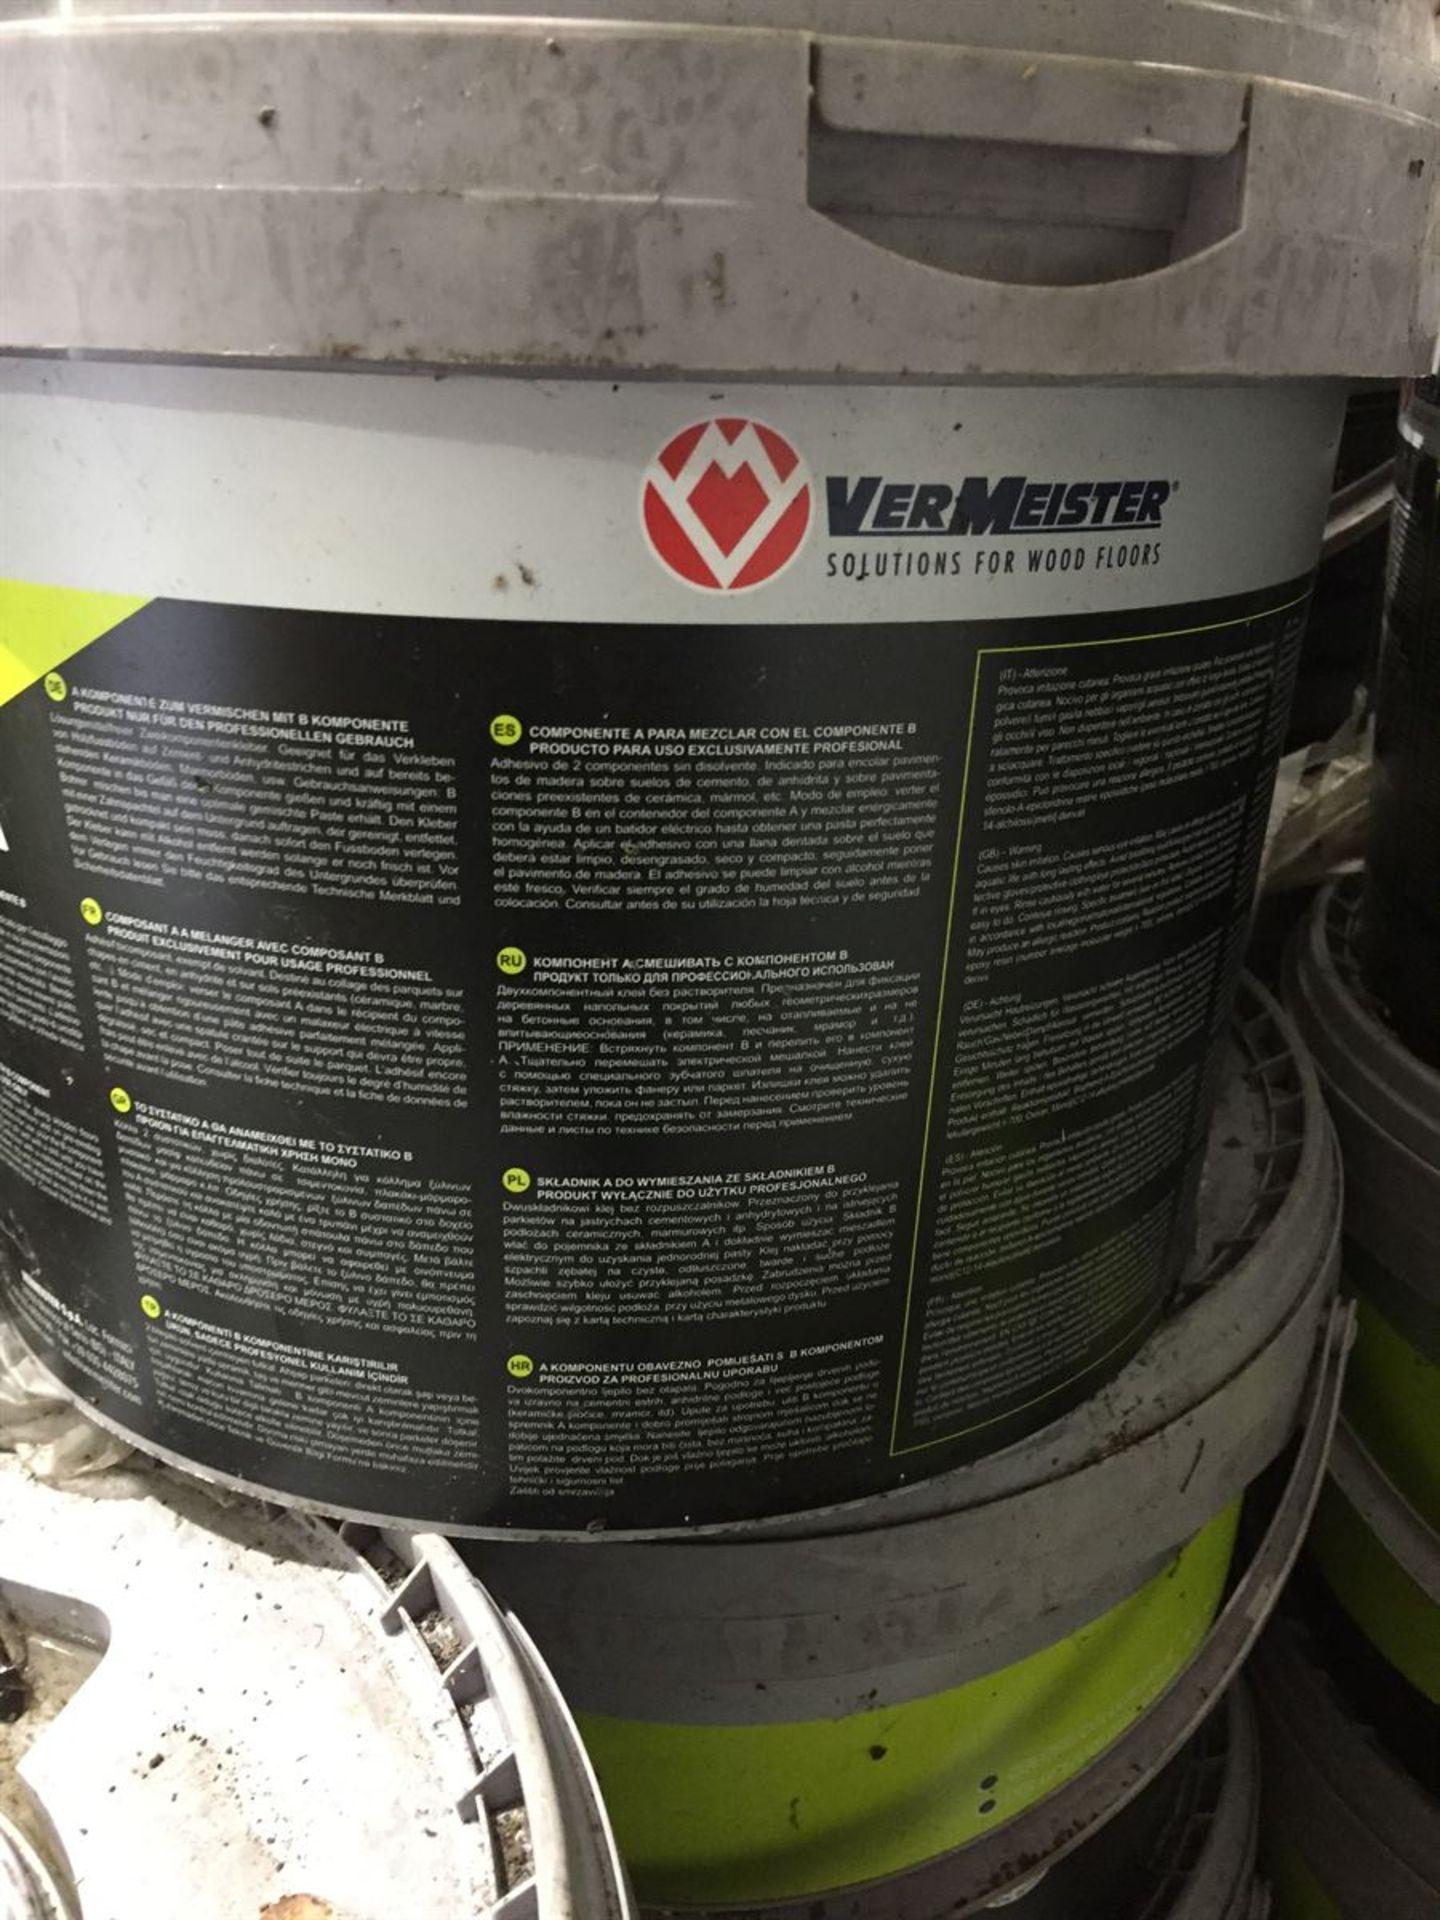 1x 10kg Tub VerMeister 2pak Wood flooring Adhesive - Image 4 of 4